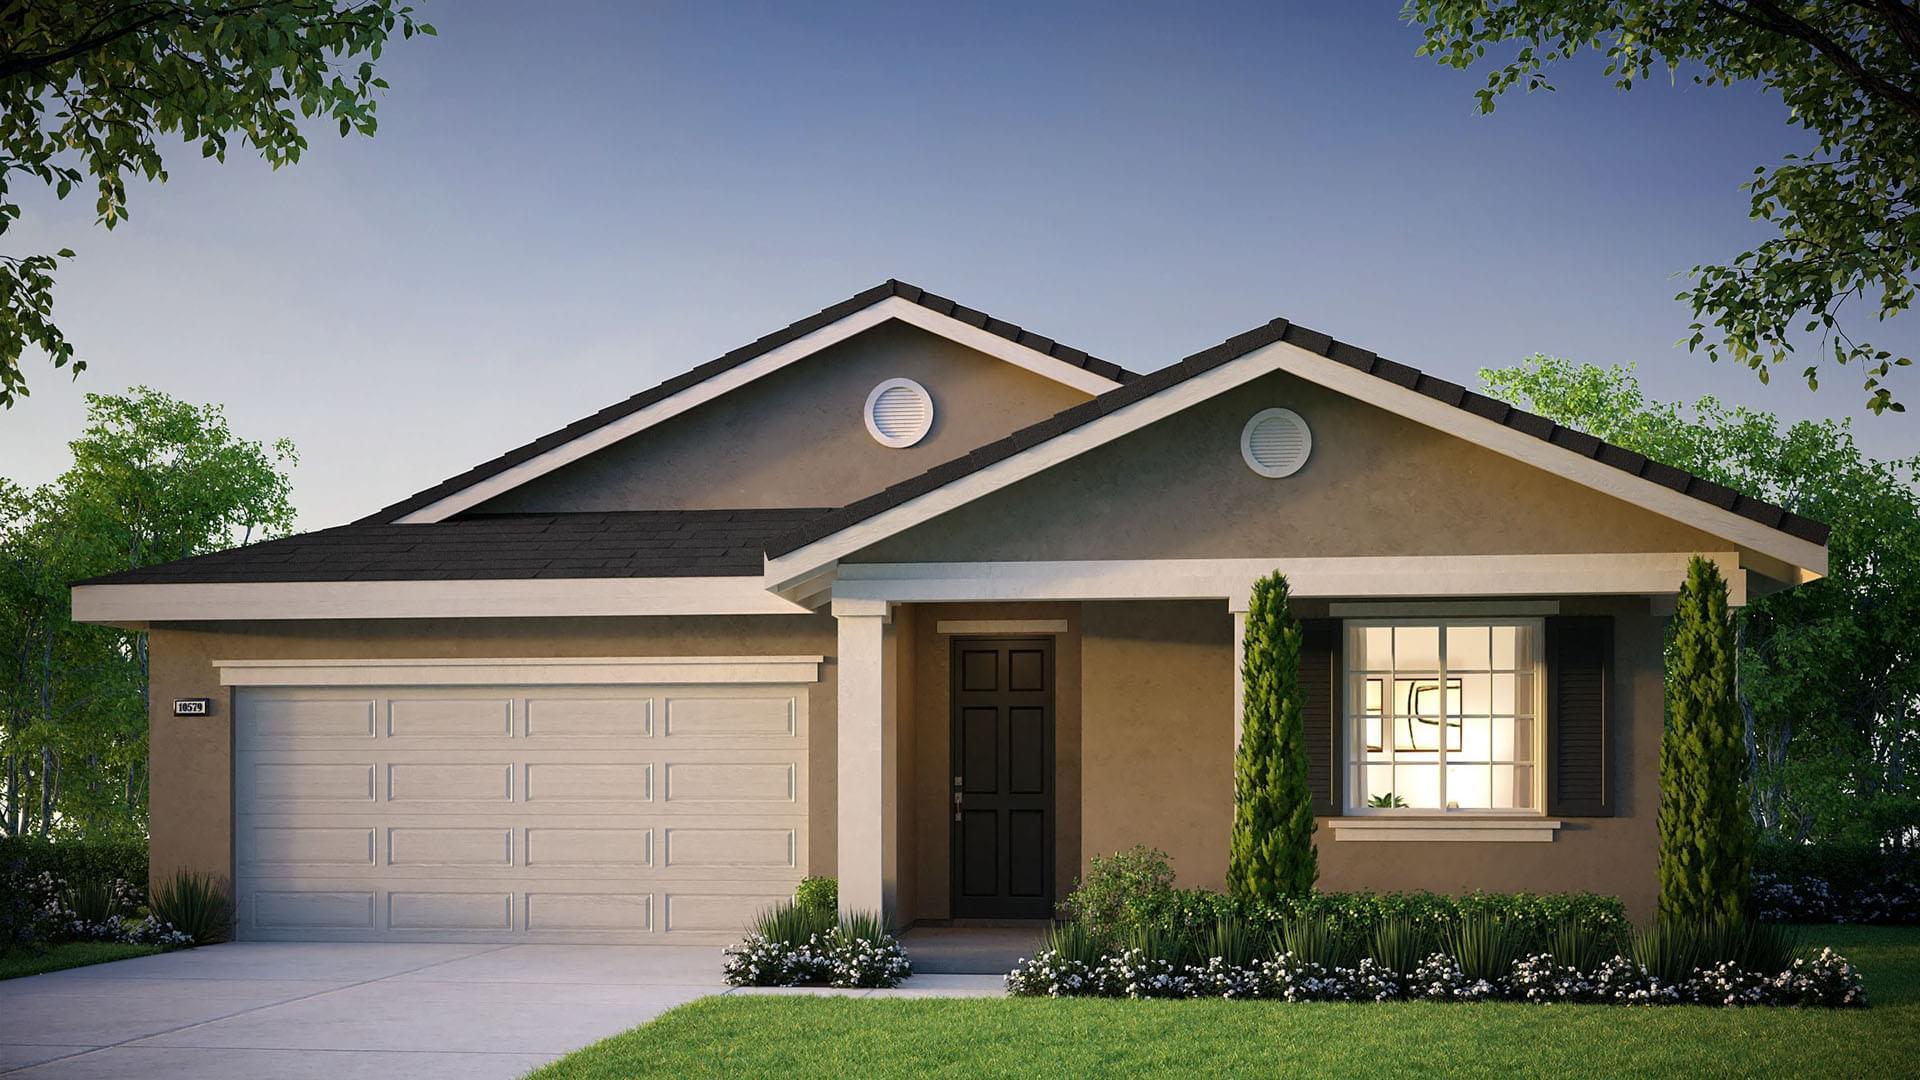 362 Copper Crest Drive in Copperopolis, CA by DeNova Homes